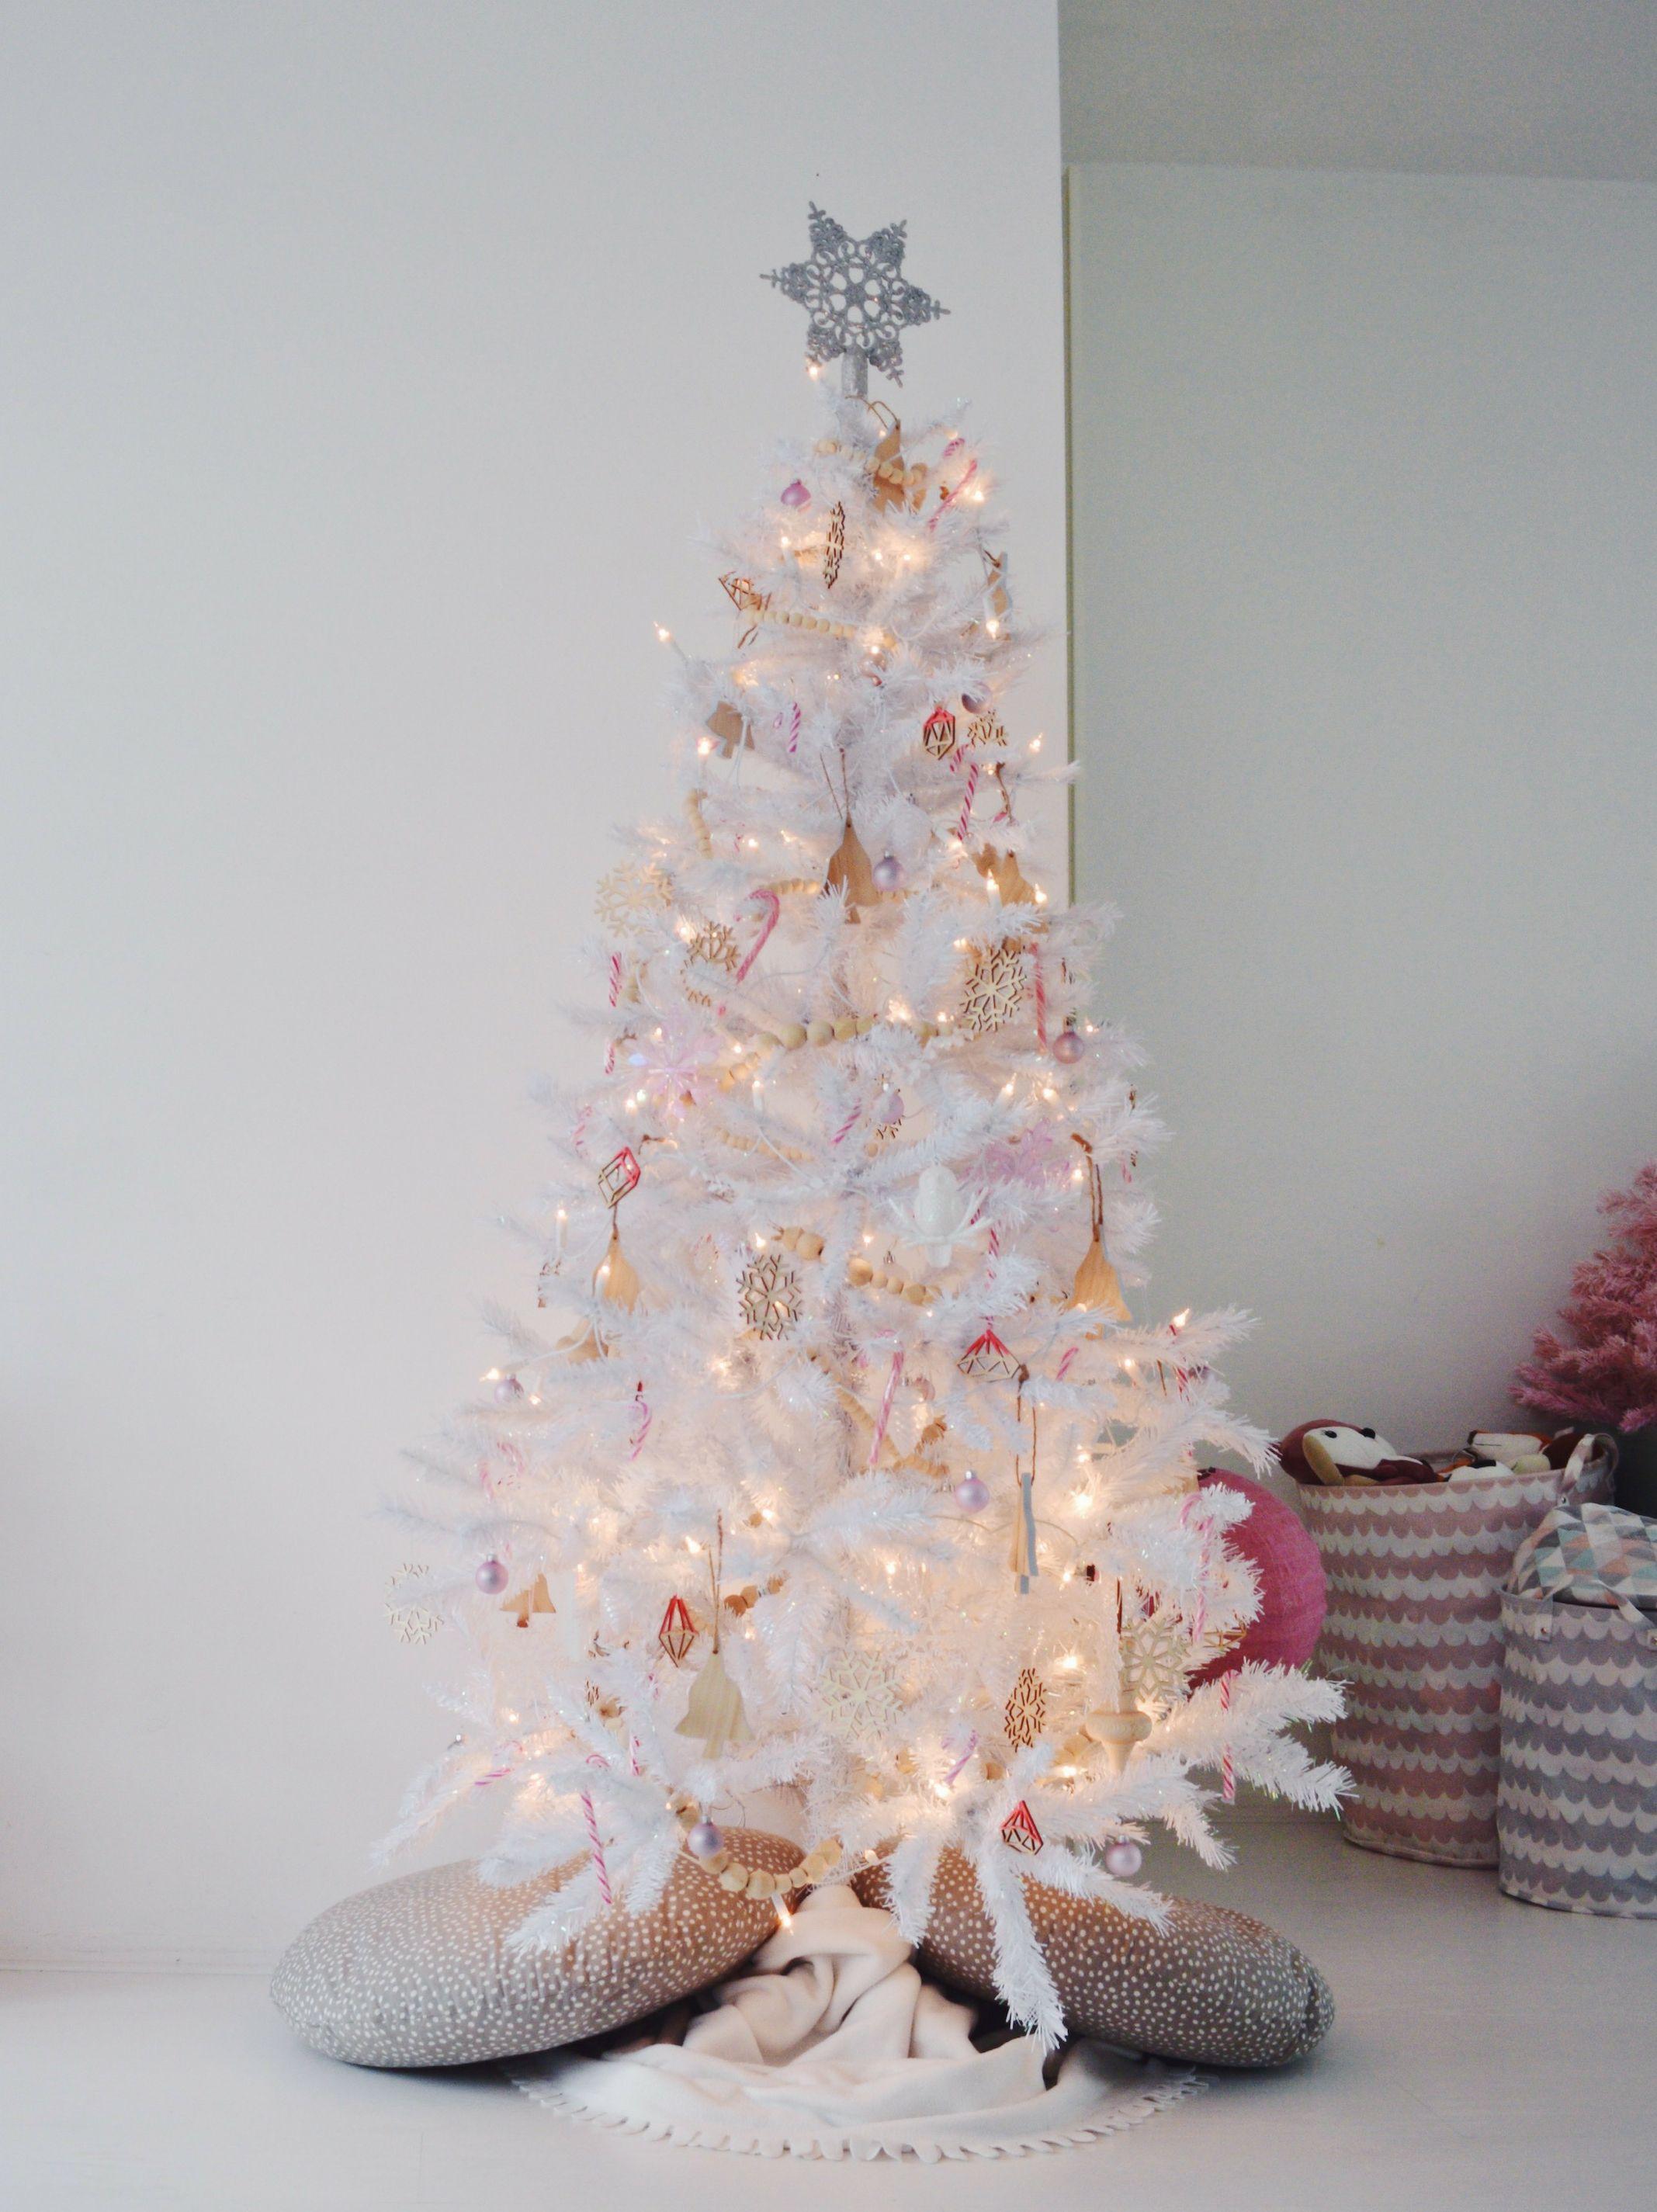 Onze Witte Kerstboom 2018 Warm Wit Met Veel Hout En Roze Witte Kerstbomen Kerstboom Diy Kerstdecoratie